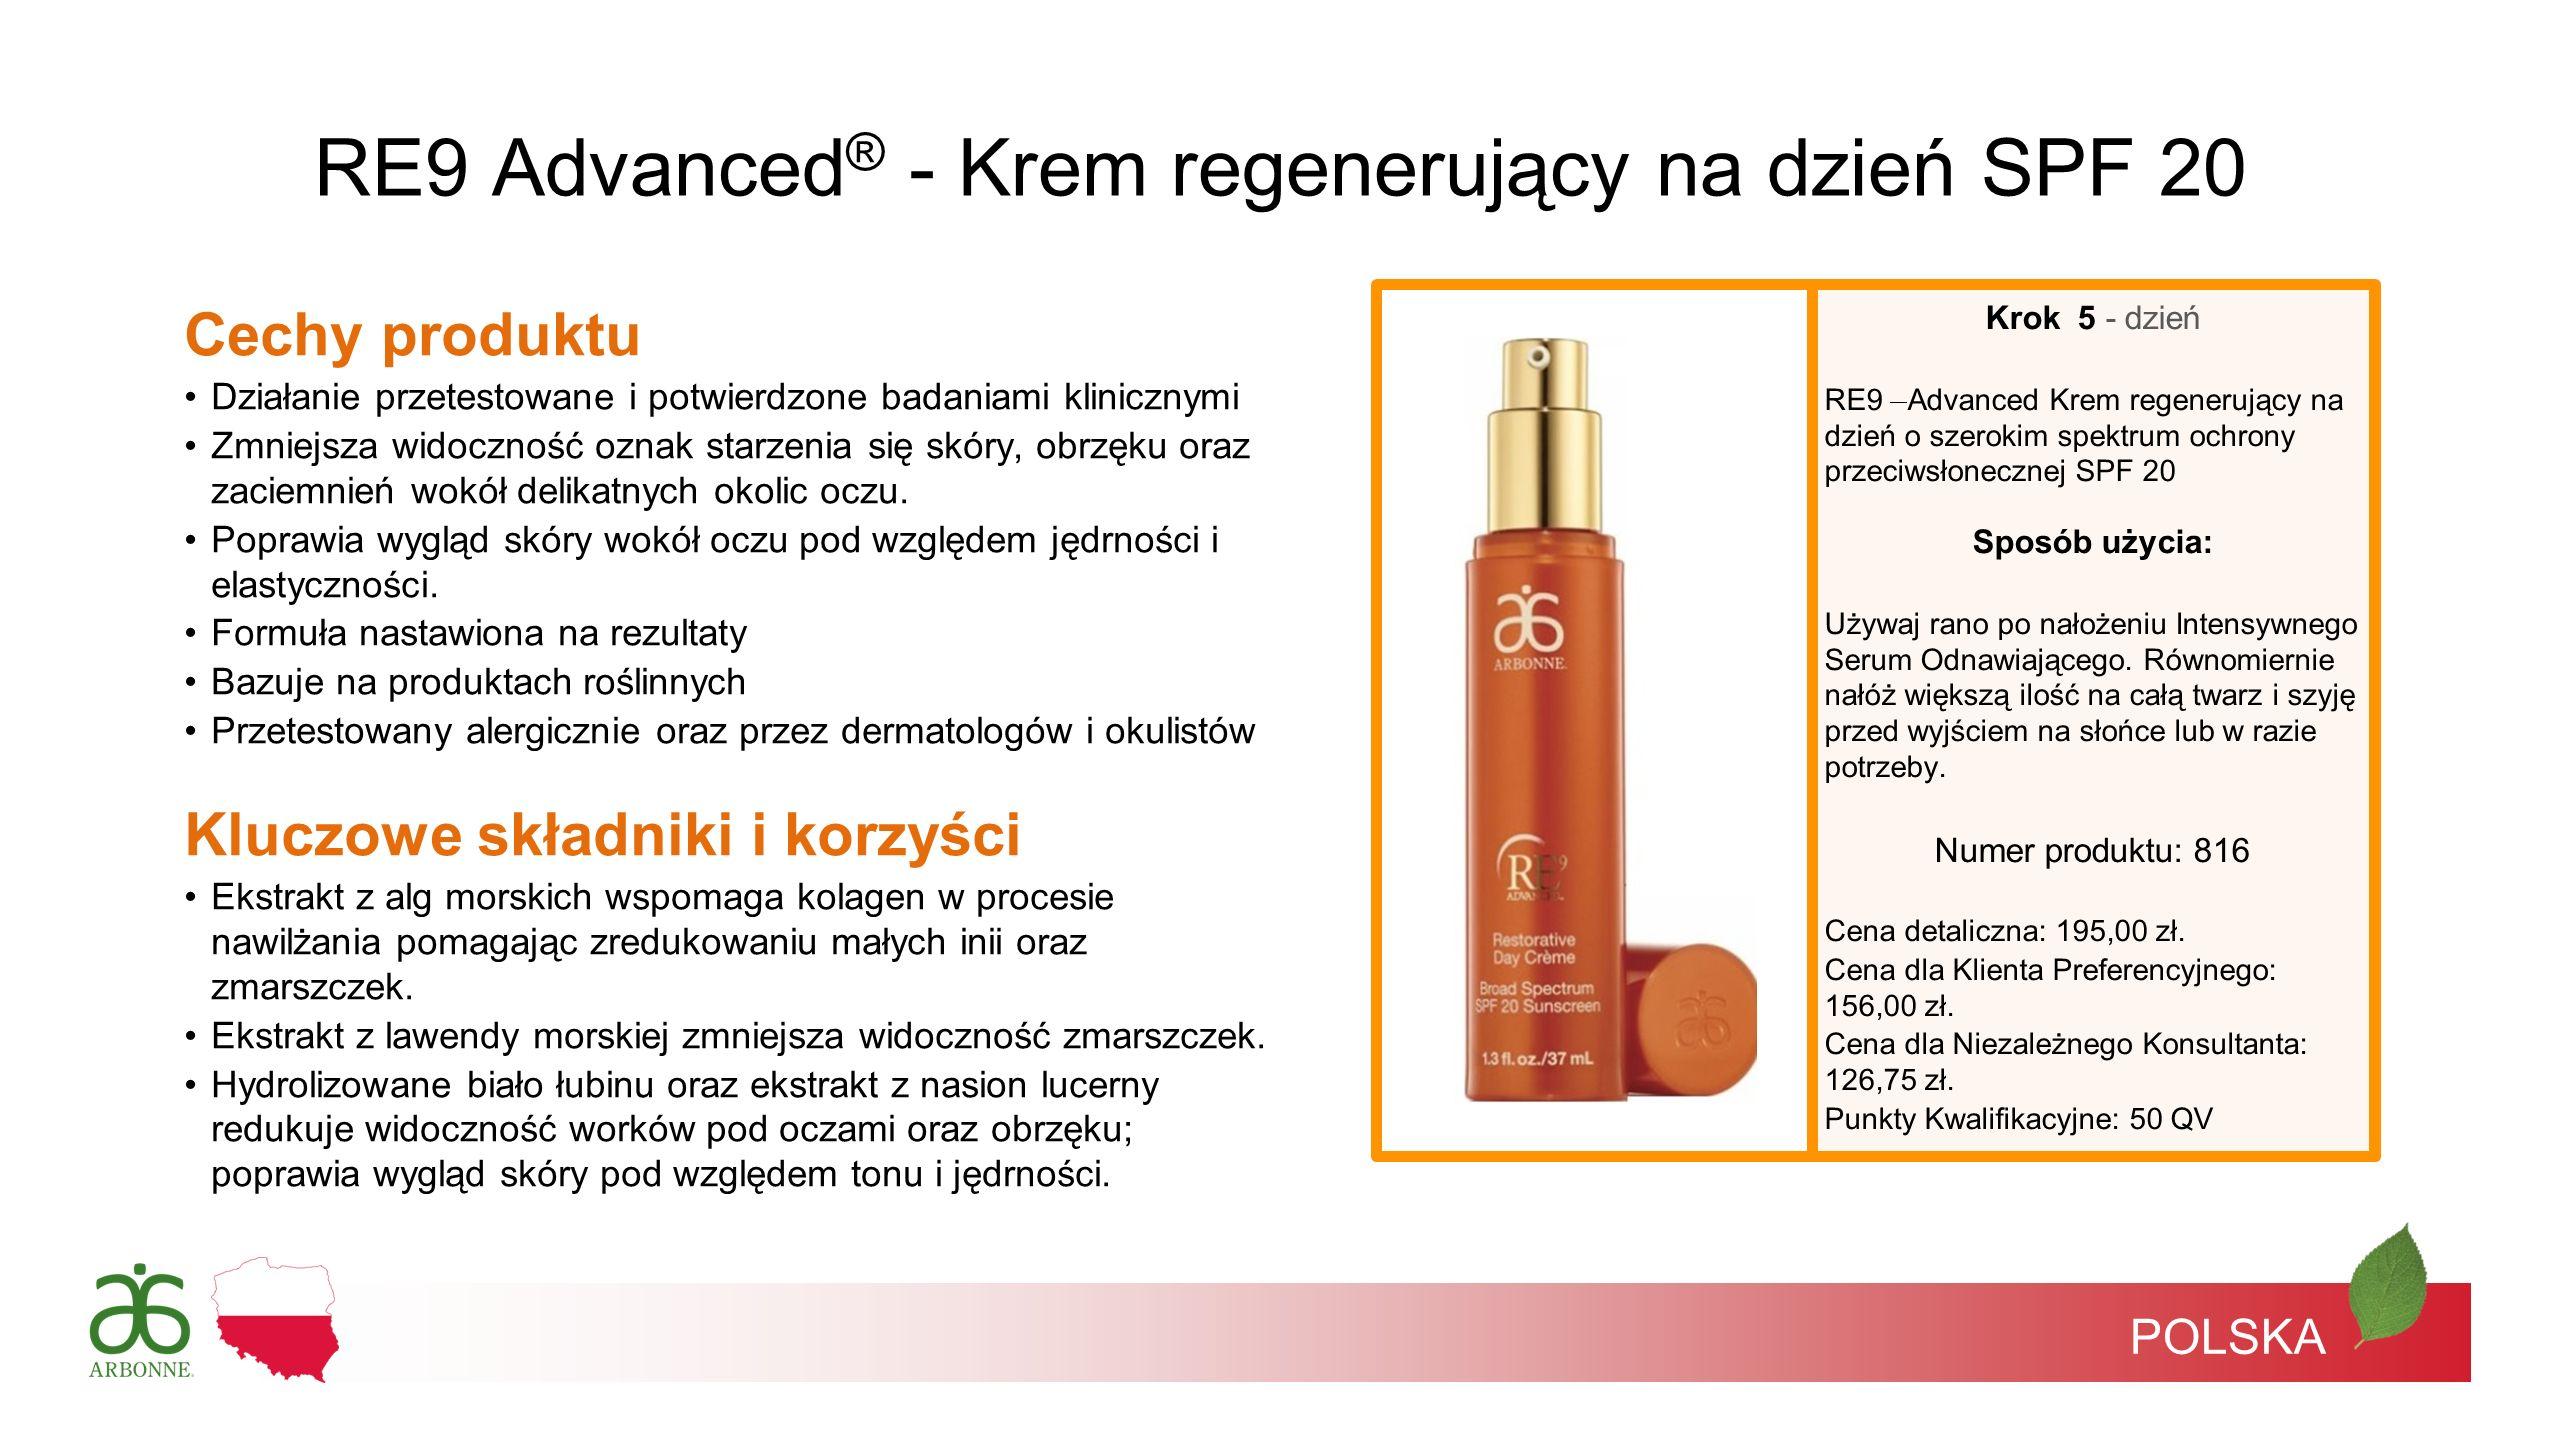 POLSKA RE9 Advanced ® - Krem regenerujący na dzień SPF 20 Krok 5 - dzień RE9 Advanced Krem regenerujący na dzień o szerokim spektrum ochrony przeciwsł